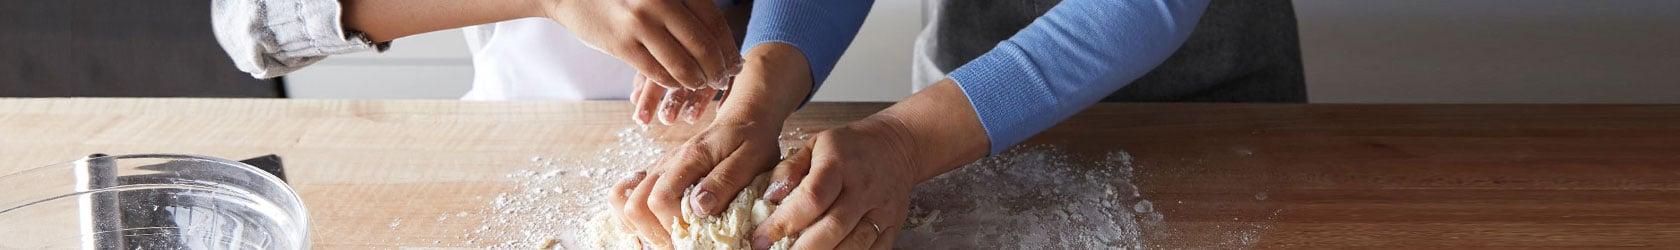 Sur La Table cooking class FAQ